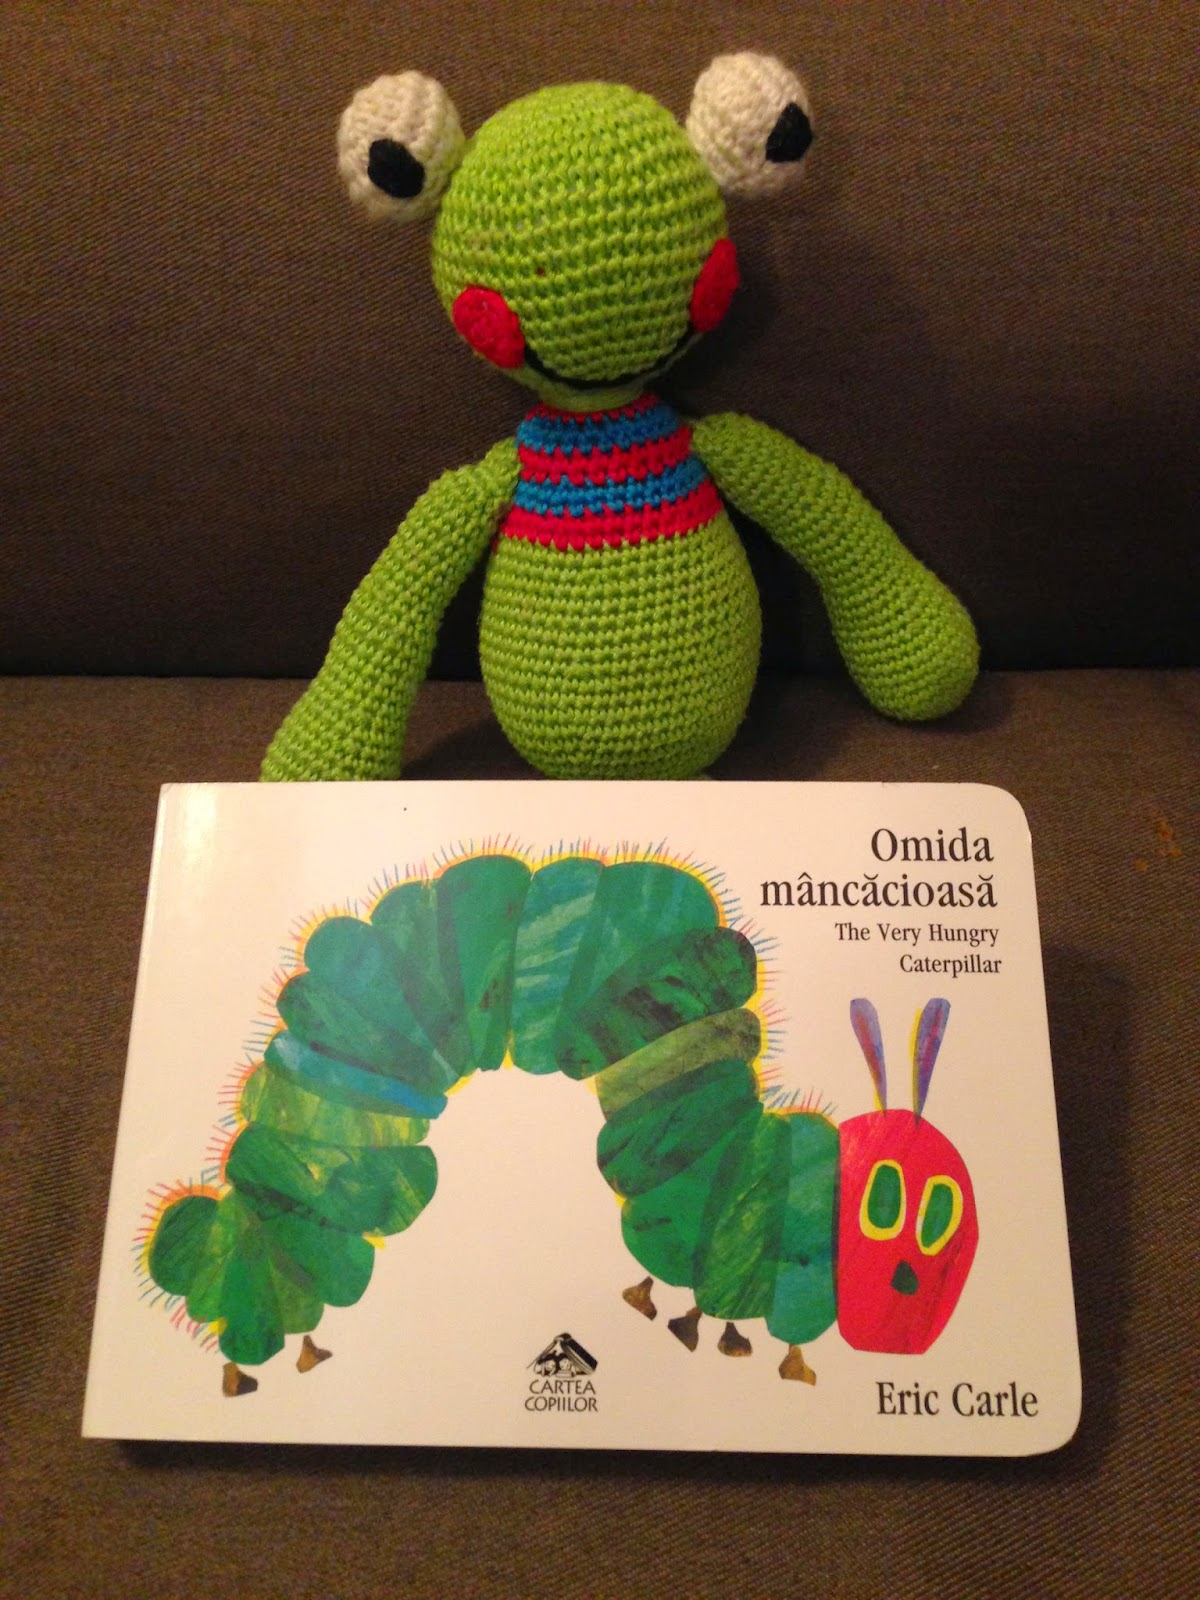 Idei de cadou pentru cei mici (1) – O carticica vesela